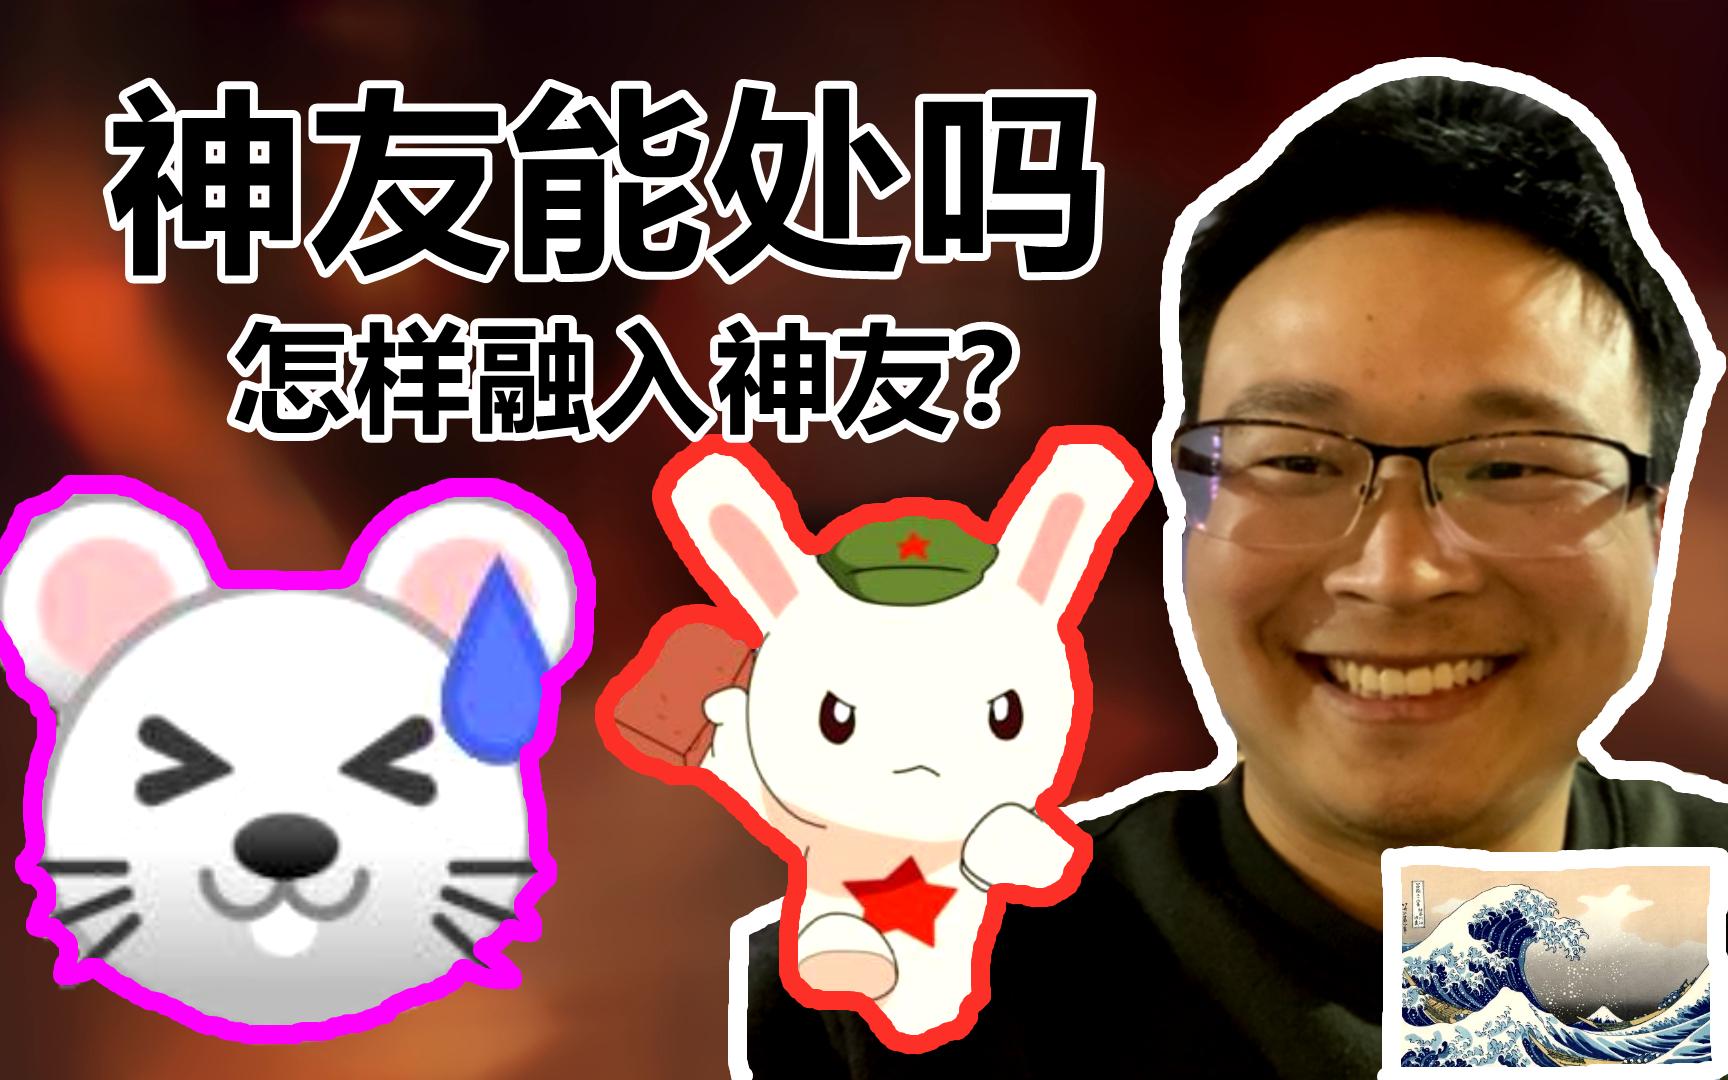 缝百科第一期:神友和兔友谁更能处?